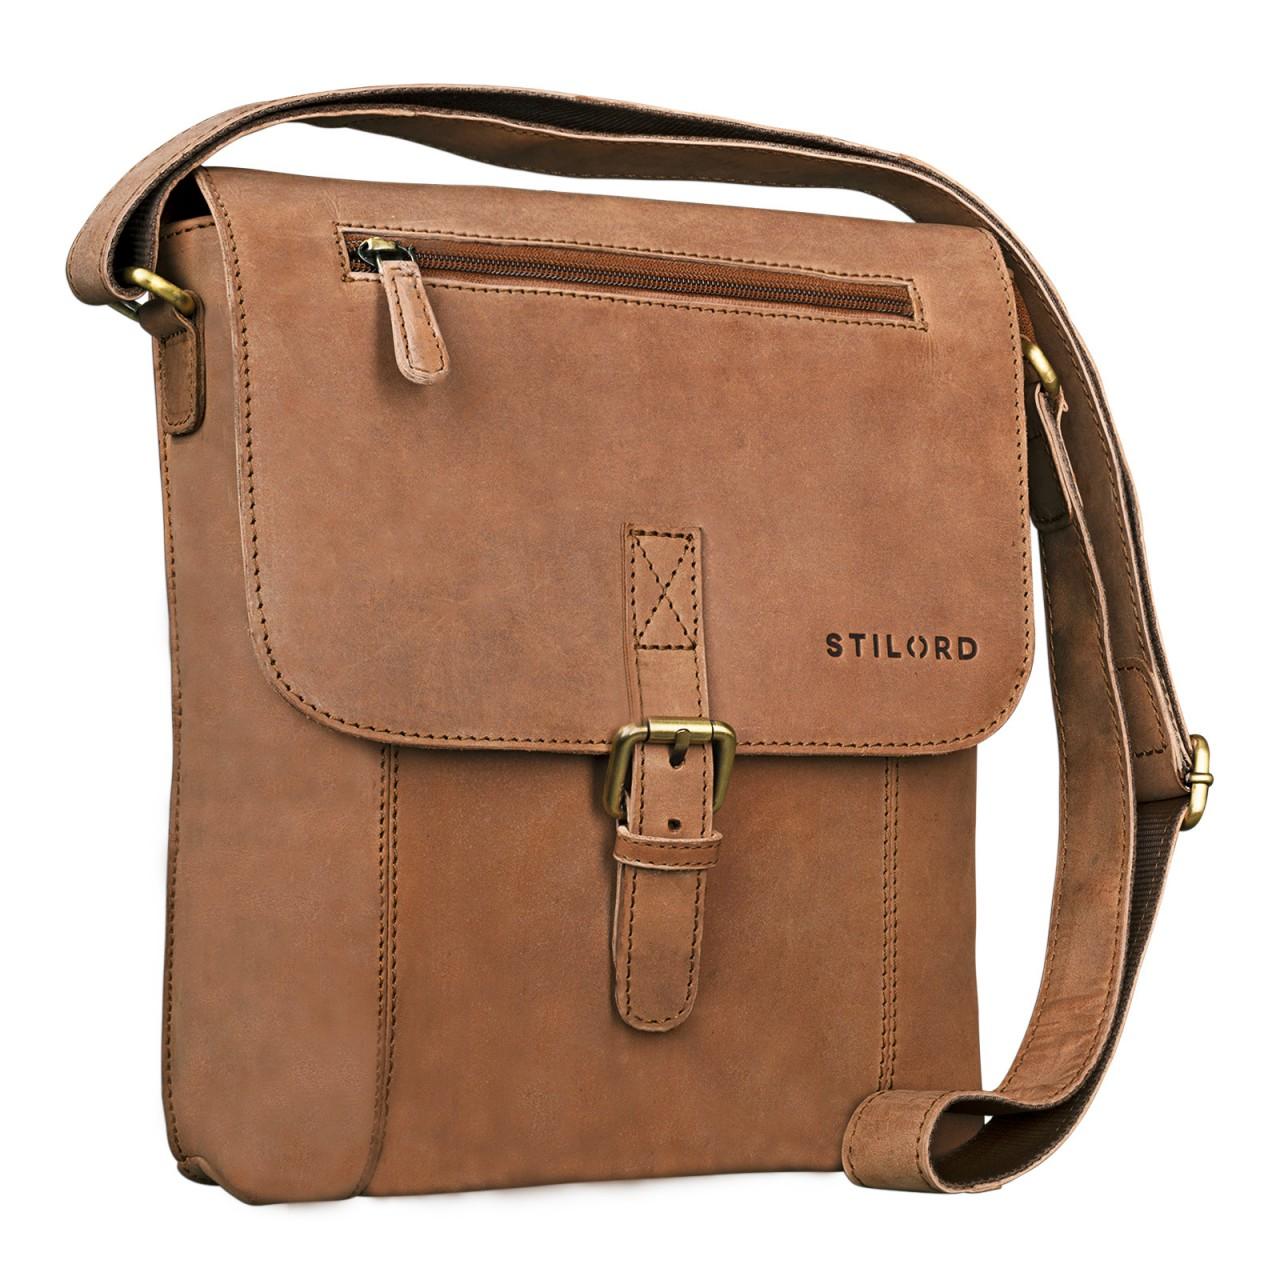 """STILORD """"Matthias"""" Herren Umhängetasche Leder Vintage Messenger Tasche 10.1 Zoll Tablettasche klein Schultertasche echtes Rinds-Leder - Bild 8"""